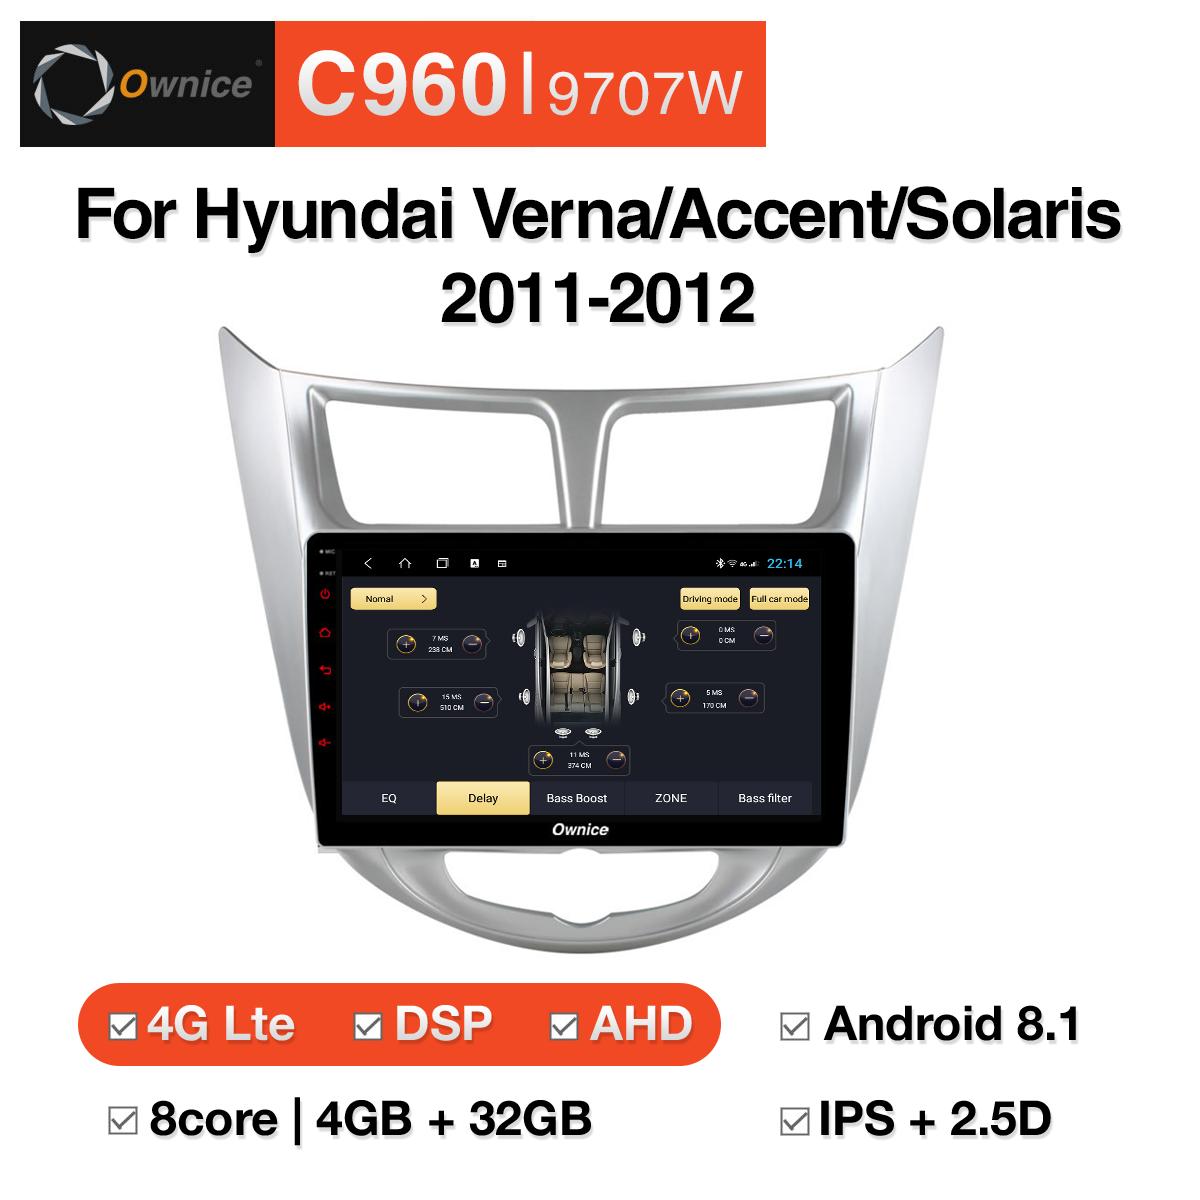 Đầu DVD android Ownice C960 cho xe ô tô Hyundai Verna/Accent/Solaris 2011-2012:: OL-9707W